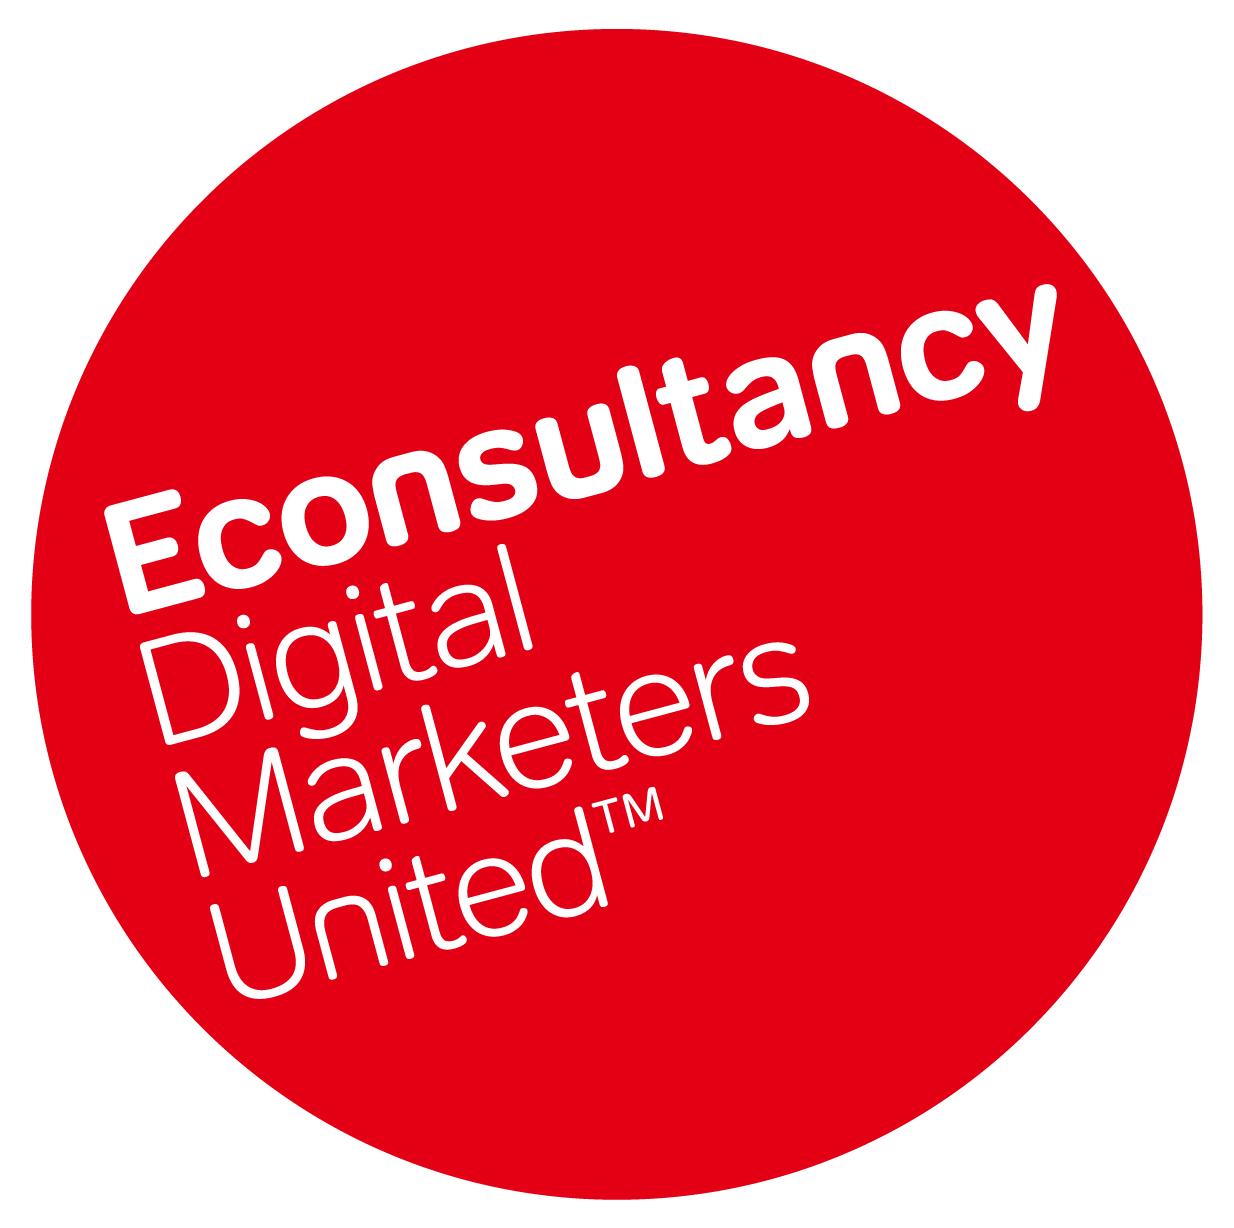 L 39 avis du lundi avis consommateurs faux avis consommateurs tout ce qu - Vente privee avis consommateur ...